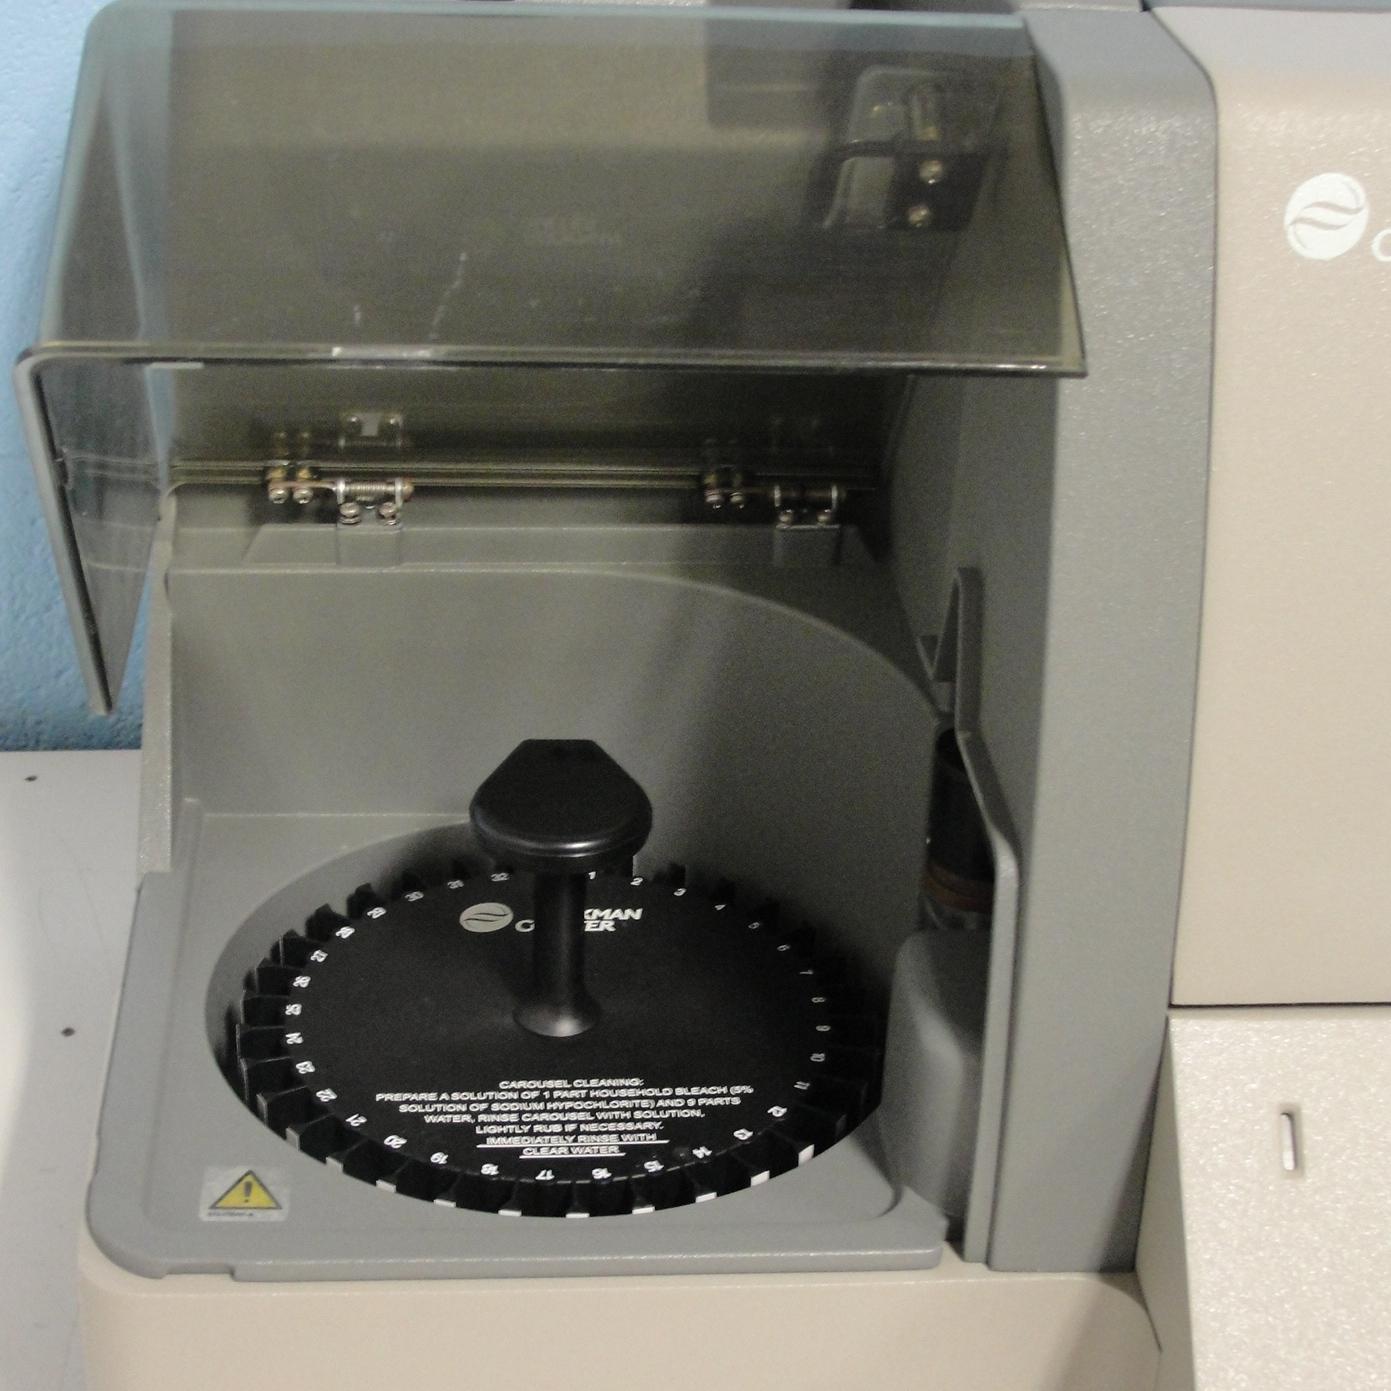 Beckman Coulter TQ-Prep Workstation Image